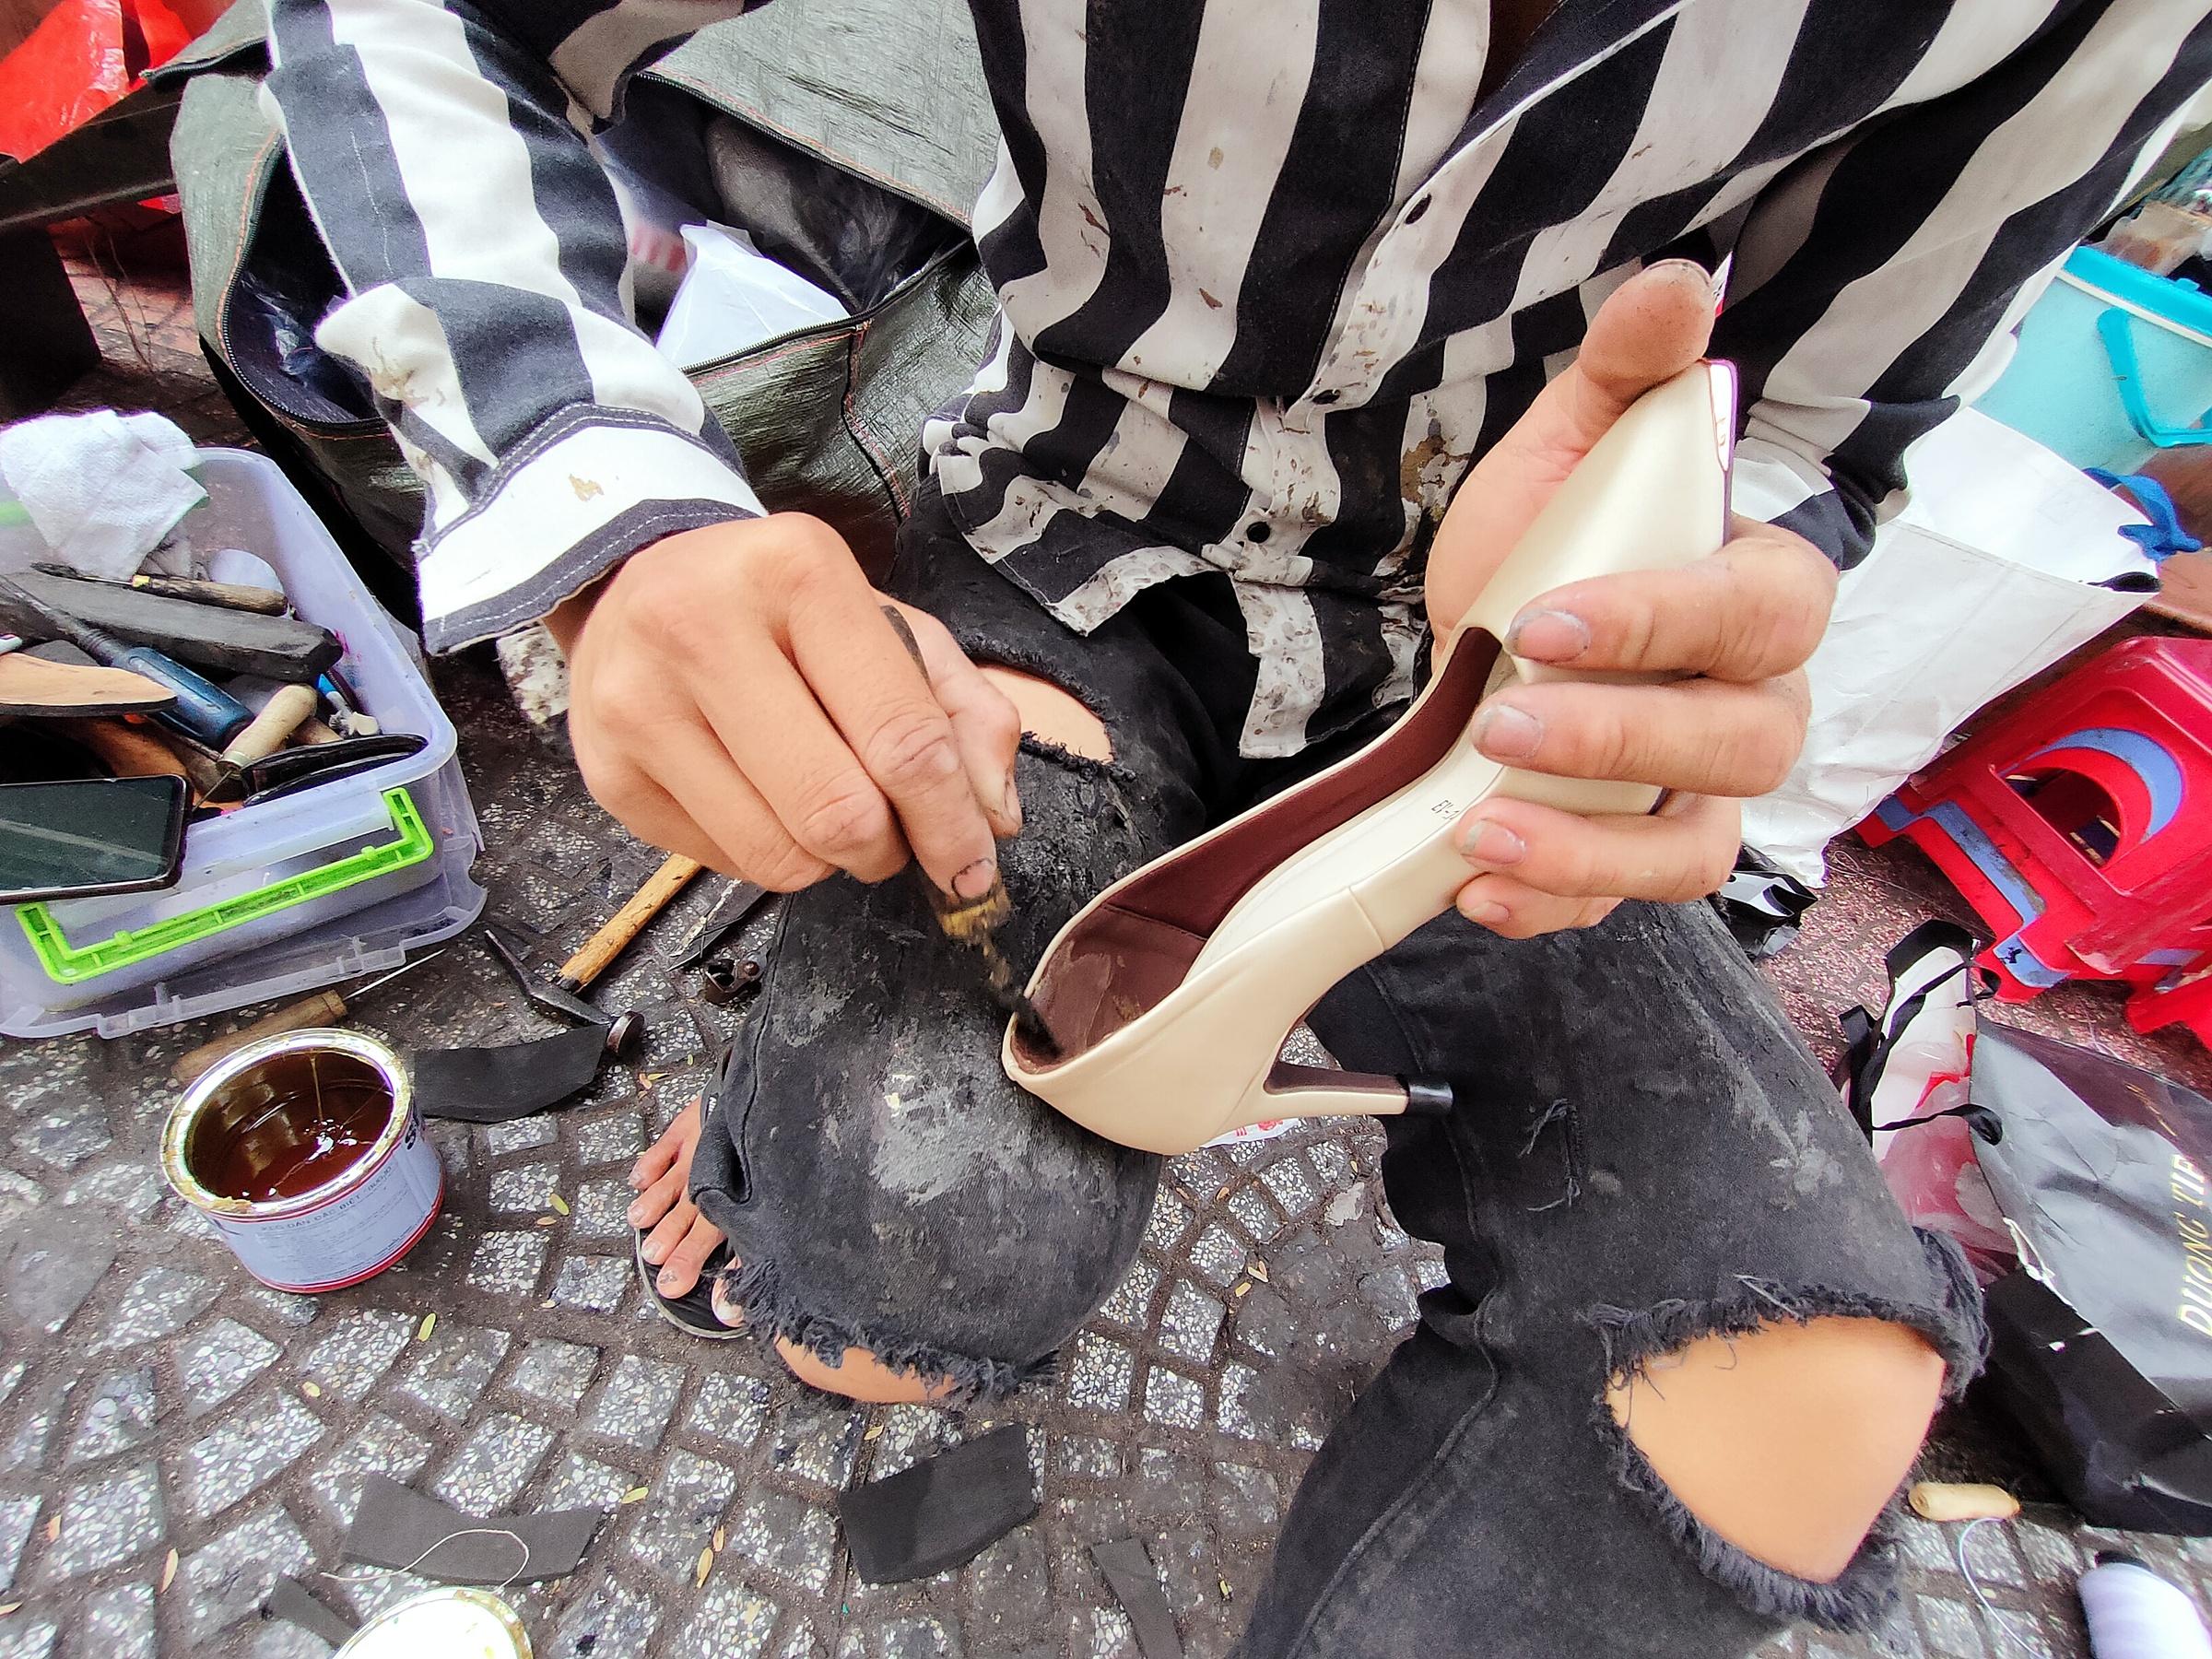 Những người thợ sửa giày như người nghệ sĩ đường phố, vừa sửa chữa chỗ hỏng vừa phục chế sáng tạo. Một người thợ có thâm niên hơn 20 năm trong nghề cho biết: Nghề này giáp Tết lại càng nhộn nhịp hơn thường lệ, bởi nhu cầu tân trang, thay sửa của người dân tăng cao. Chúng tôi làm vừa có tiền, vừa phục vụ sở thích. Nhiều đôi giày tưởng phải bỏ đi, nhưng sửa lại có diện mạo khác, trông như mới.